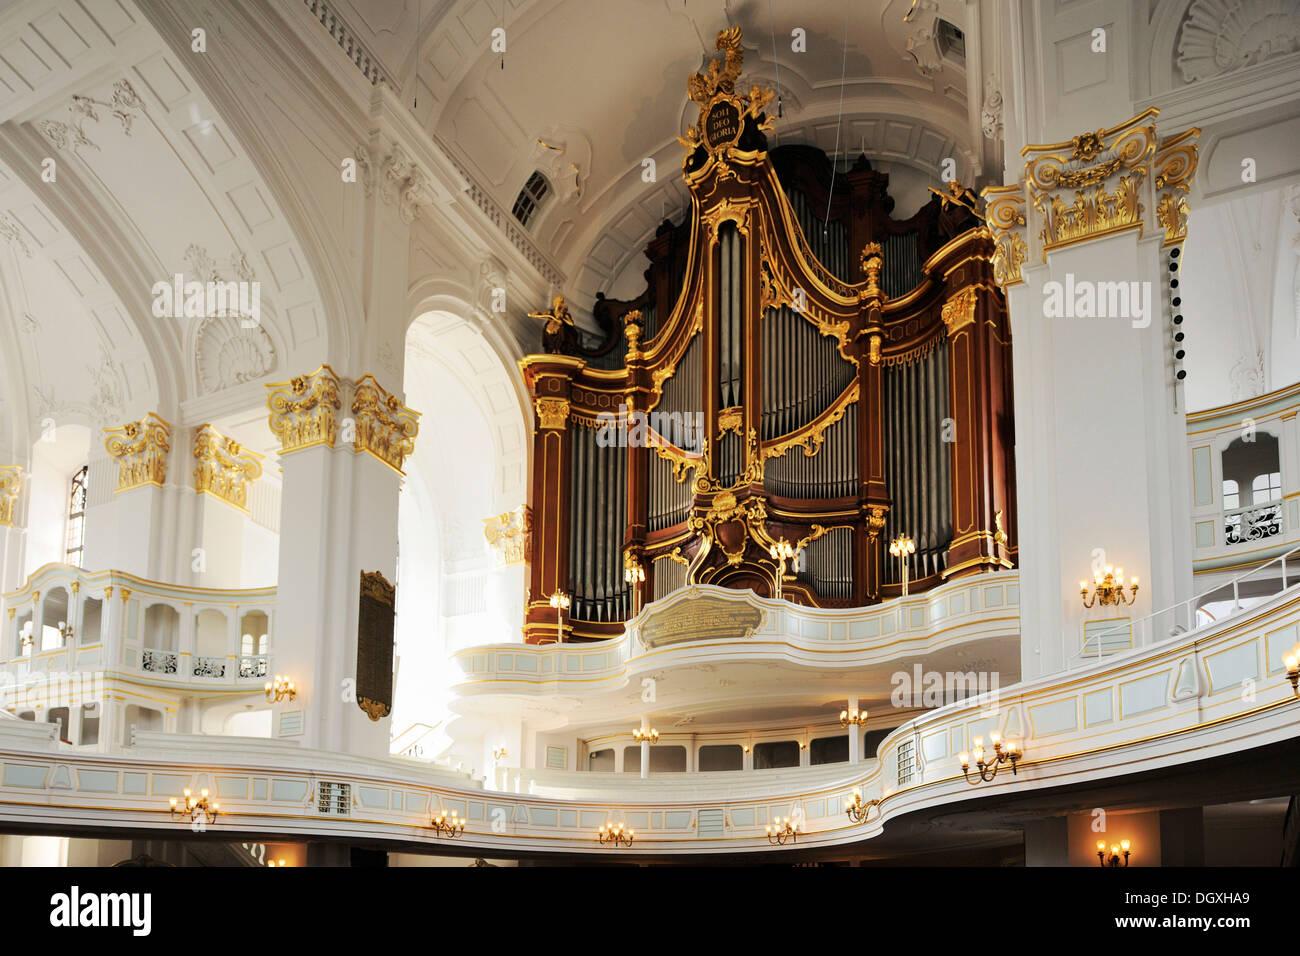 Vue de l'intérieur de l'église St Michel baroque avec orgue, Hambourg Photo Stock